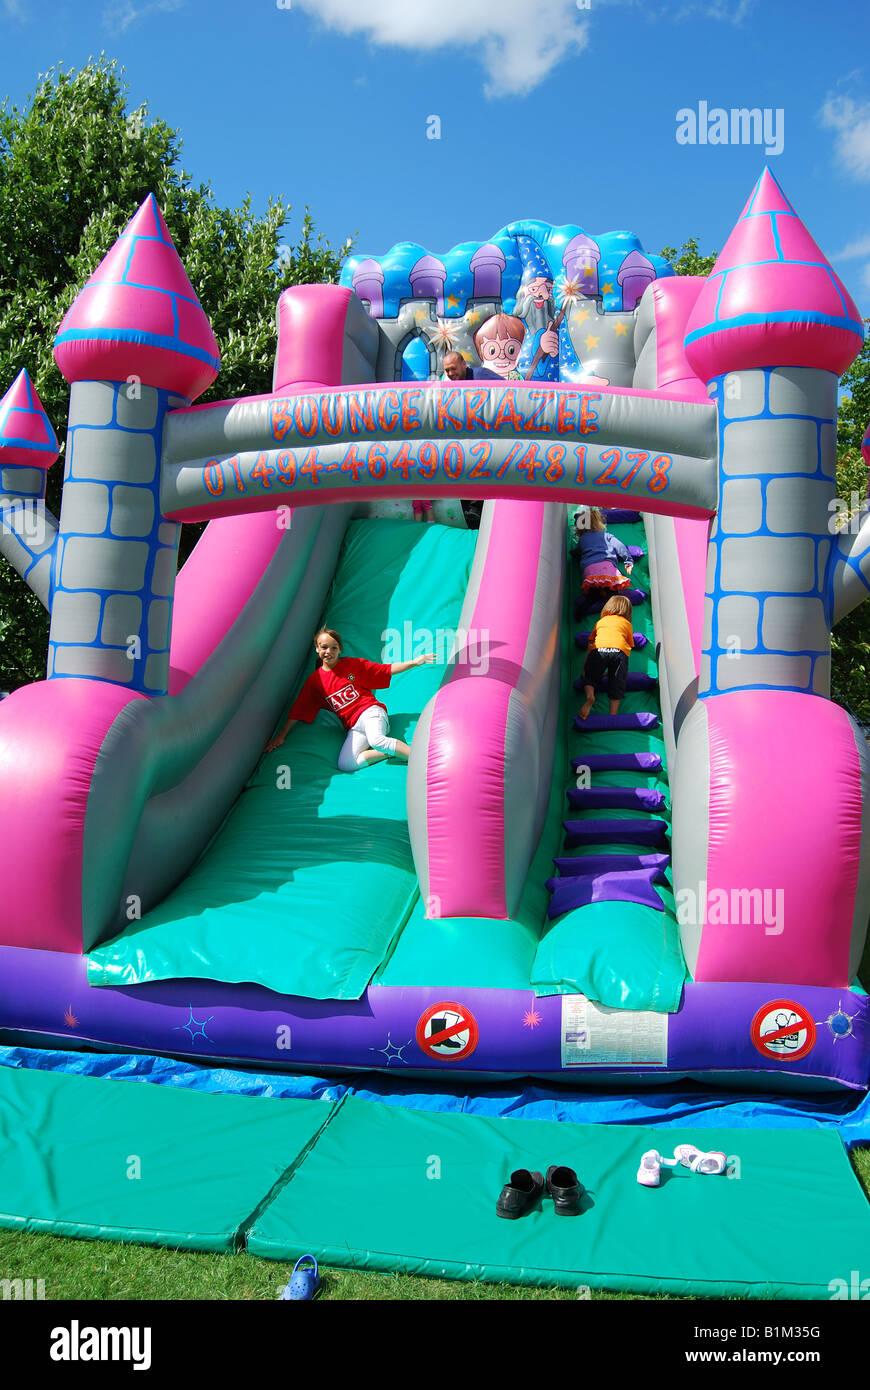 Kinder Hüpfburg, Egham Leisure Centre, Egham, Surrey, England, Vereinigtes Königreich Stockbild